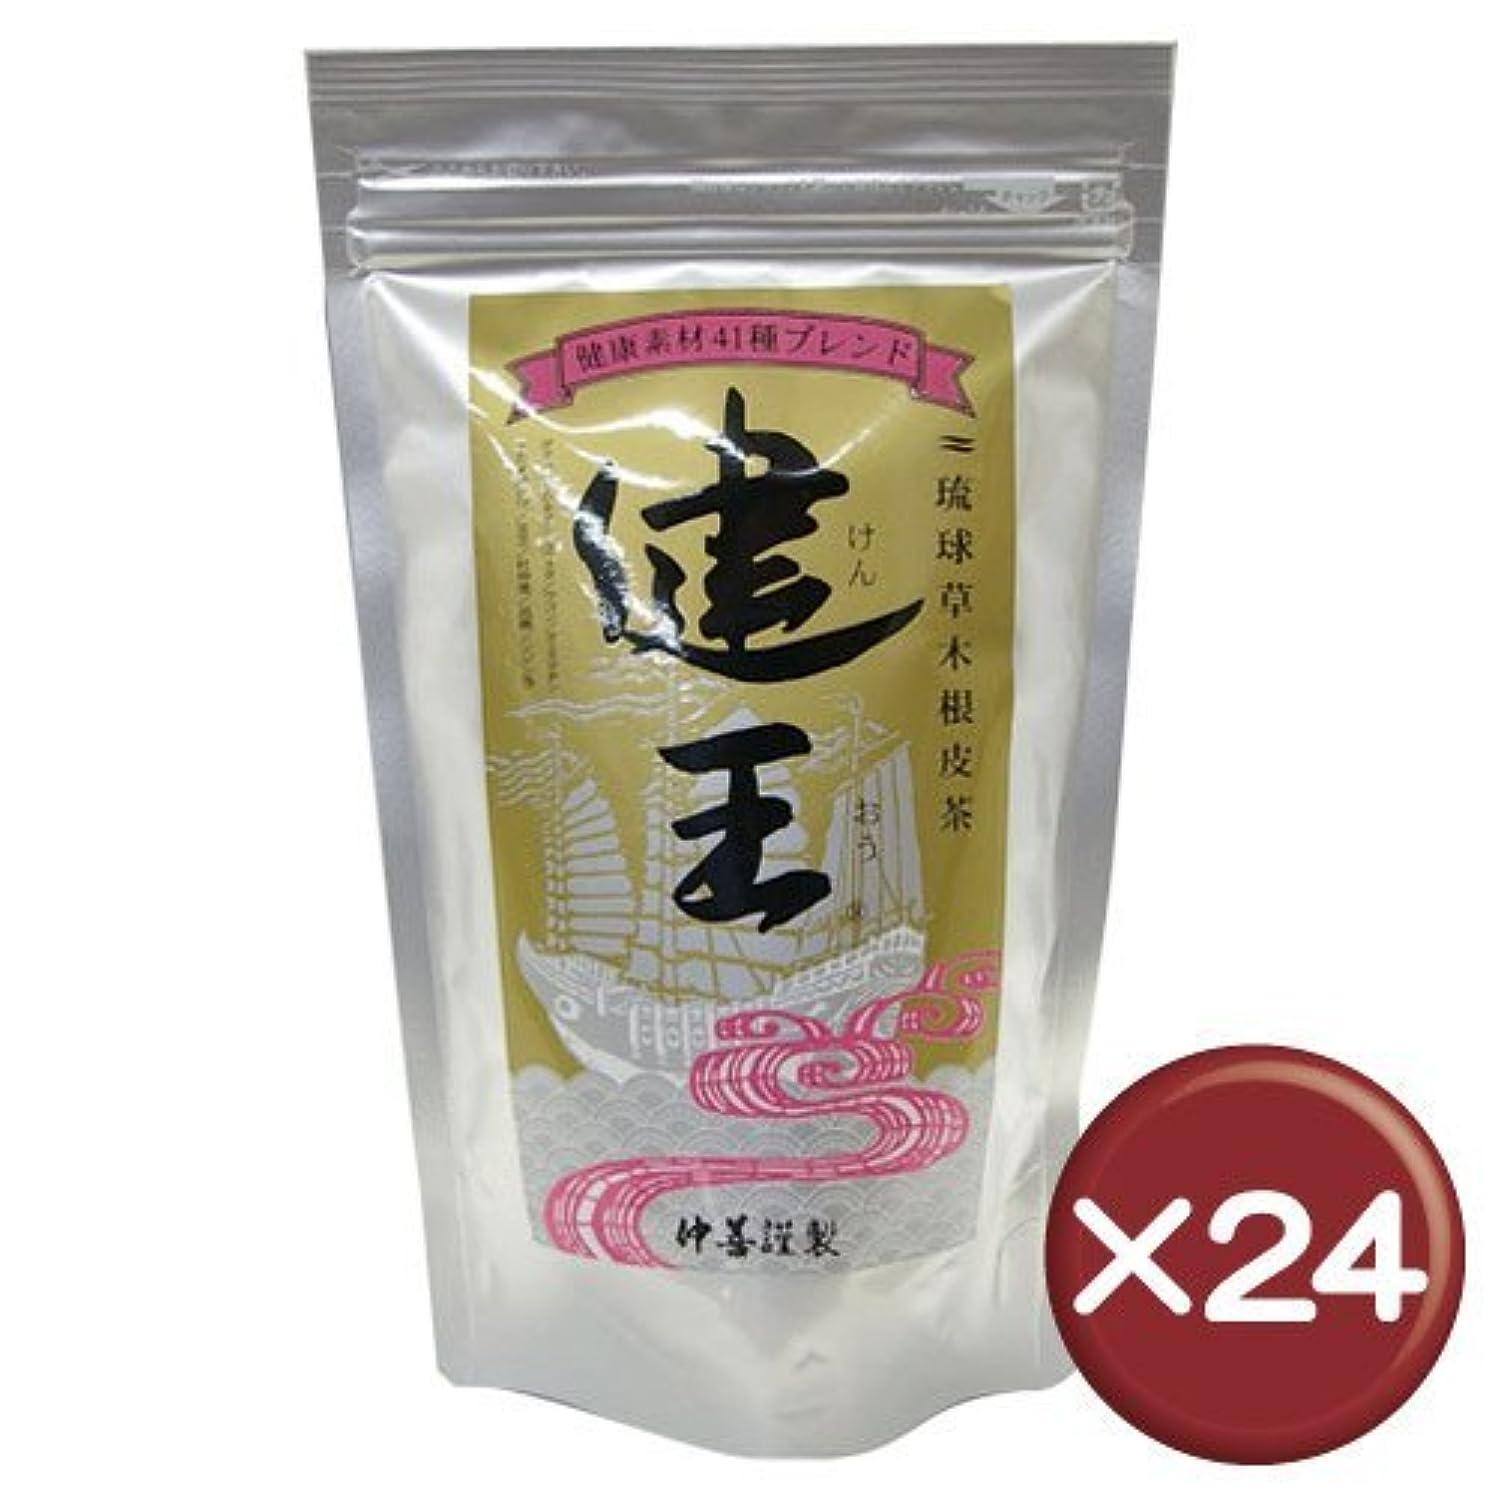 ぼかしアライアンス蒸留琉球草木根皮茶 健王 ティーバッグ 2g×30包 24袋セット